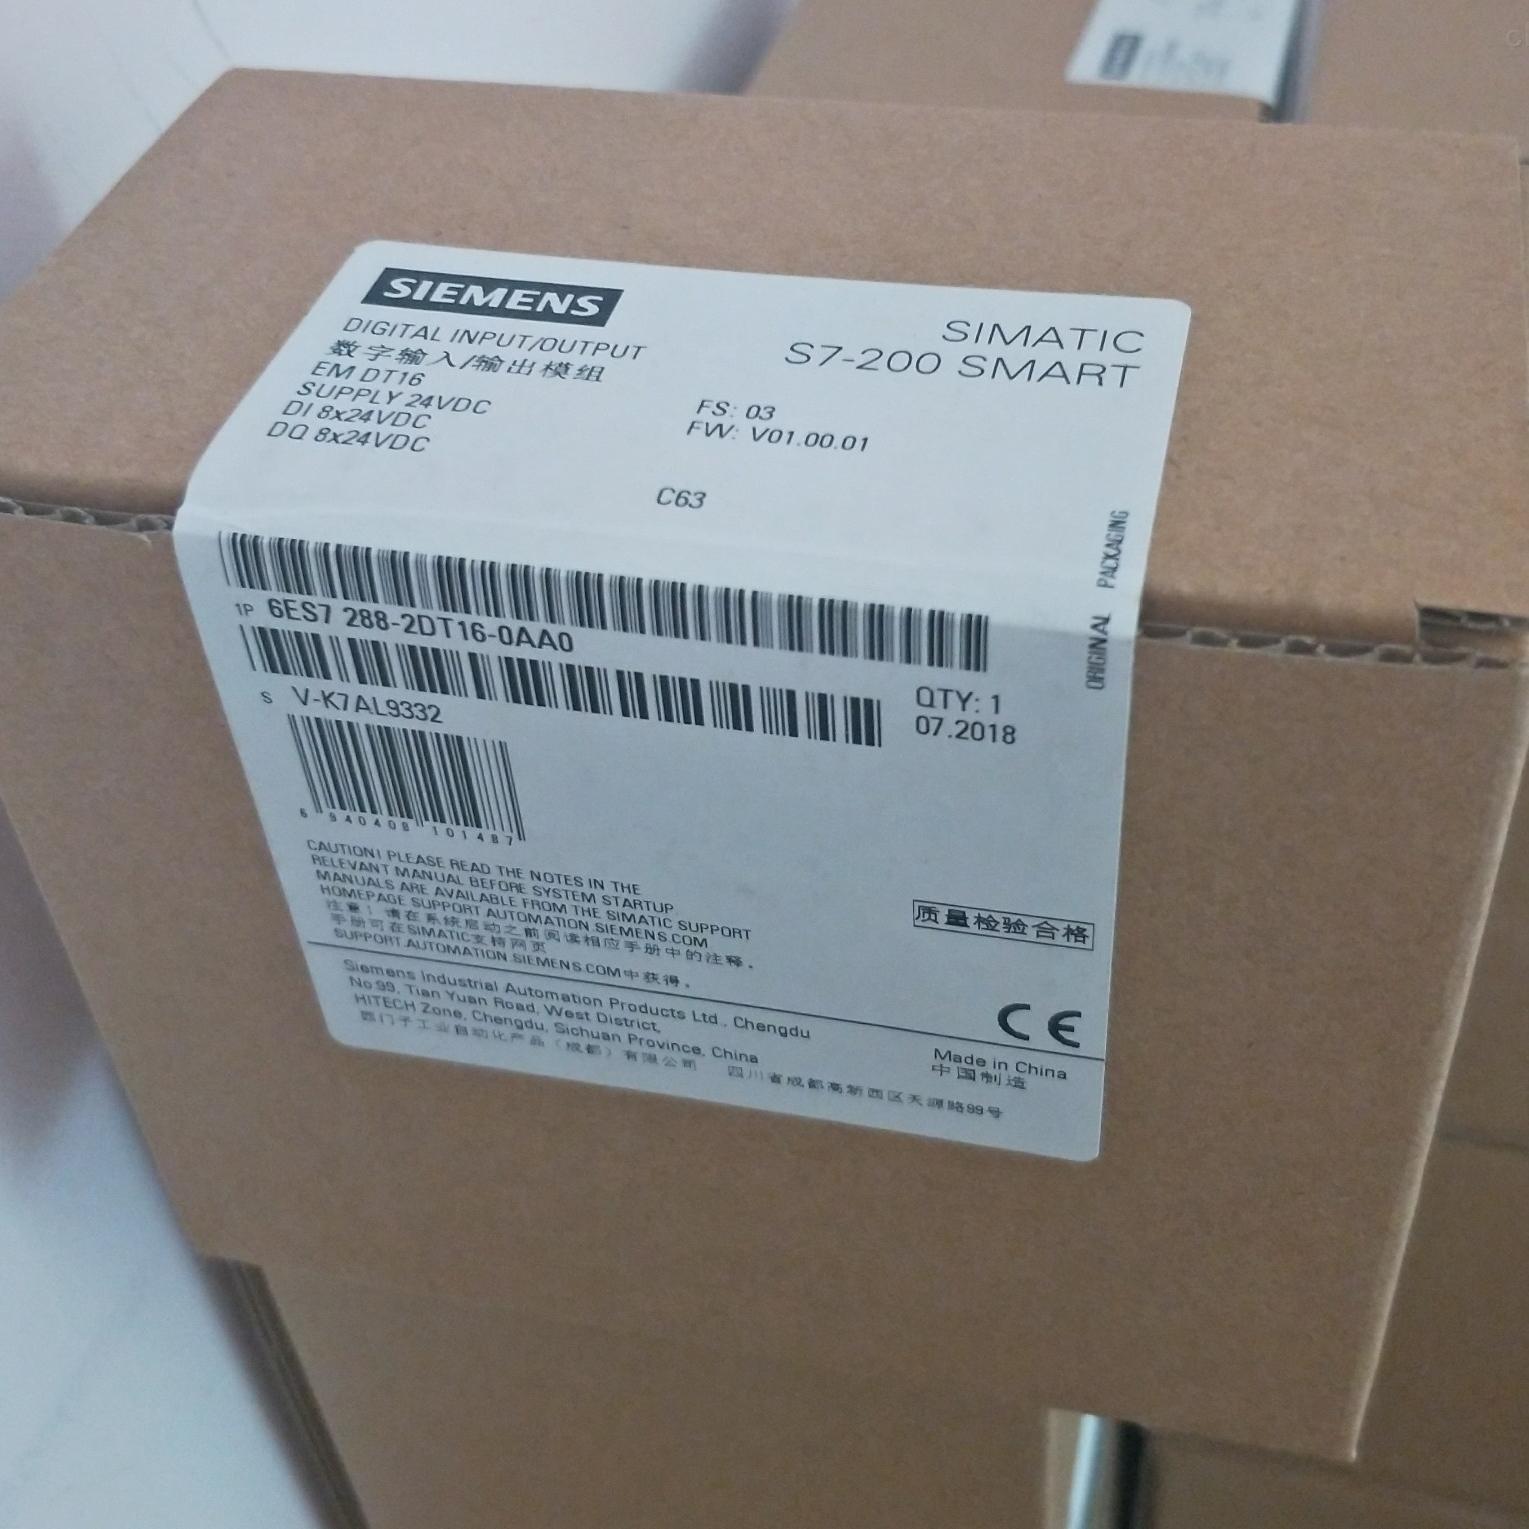 沧州西门子S7-200 SMART模块代理商